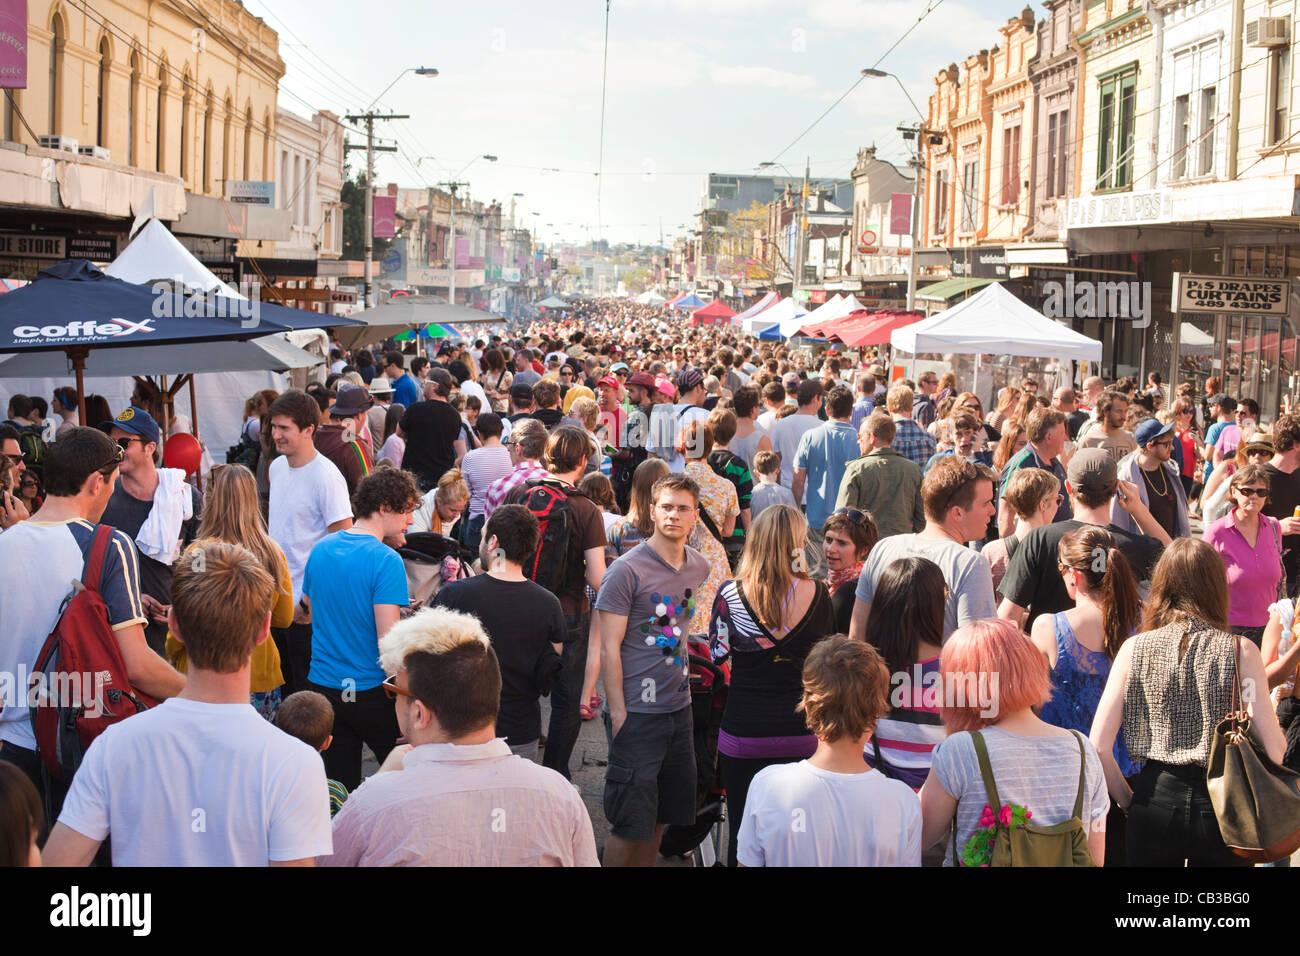 High Noon community festival est un festival de musique local Northcote à Melbourne, en Australie, dans les rues bondées au festival. Banque D'Images